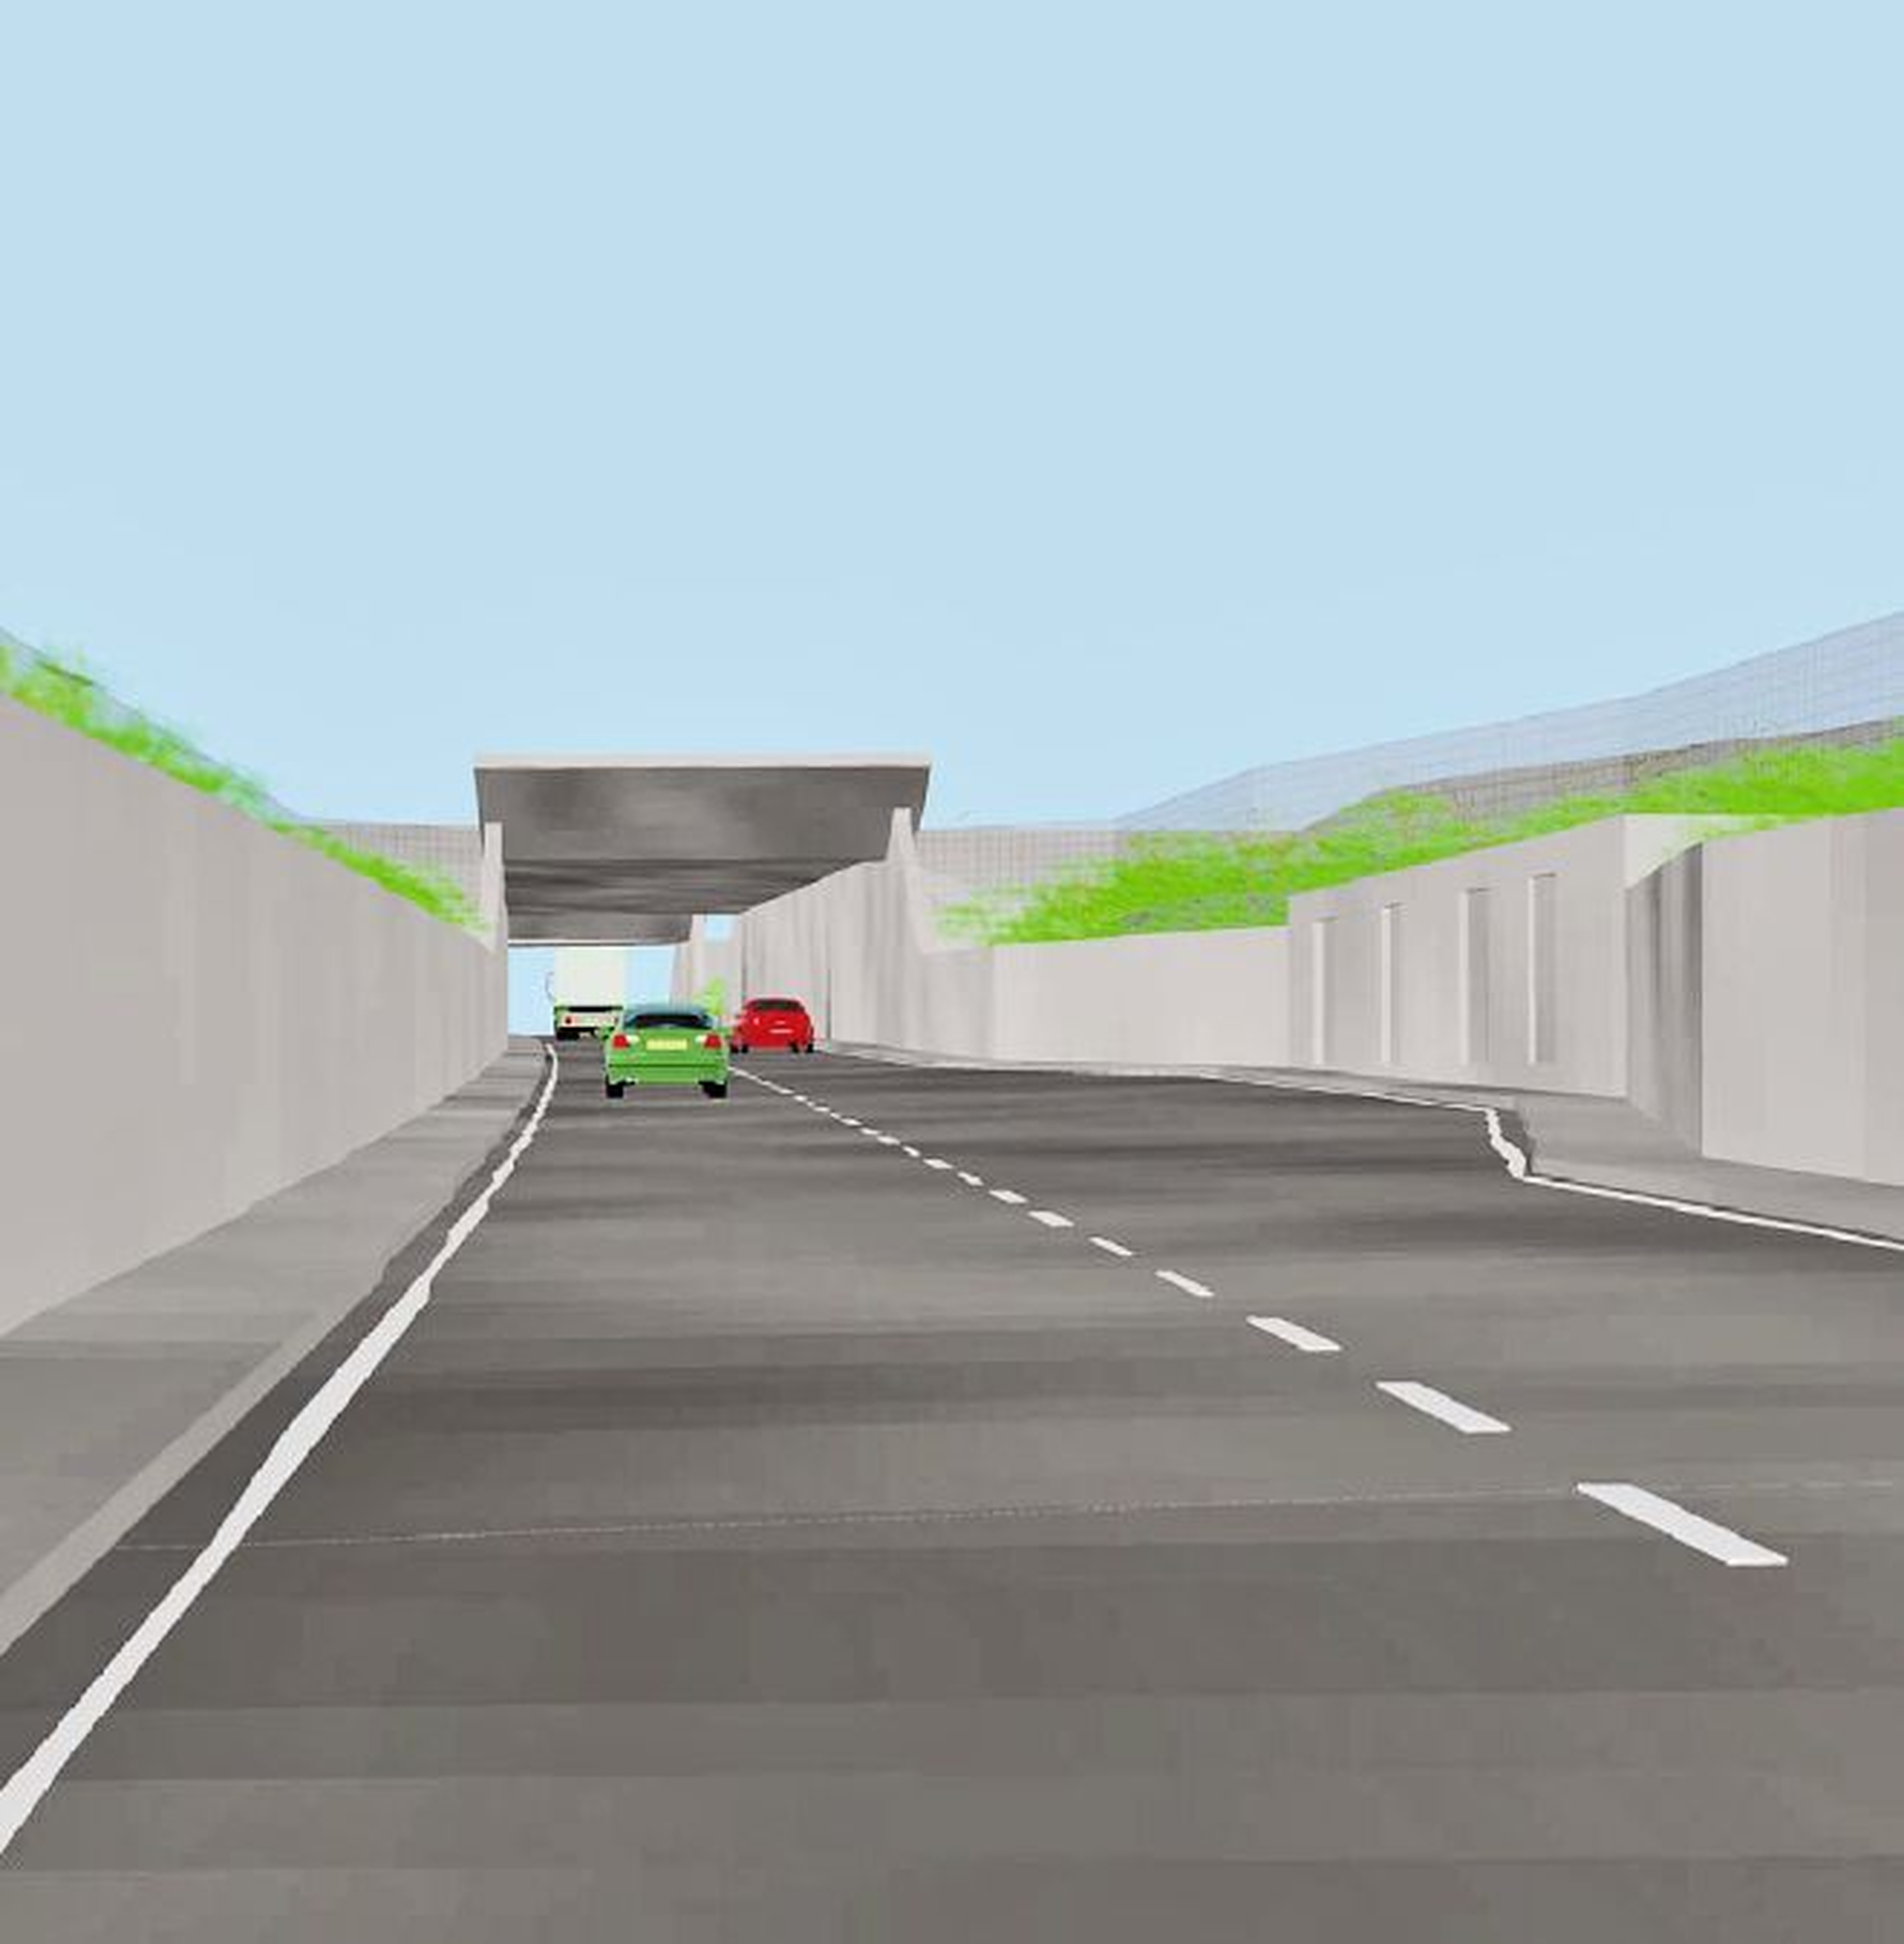 Slik vil betongtrauet se ut mellom rullebanen og taksebanen. Kulverten under taksebanen ses i bakgrunnen. (Ill.: Multiconsult)